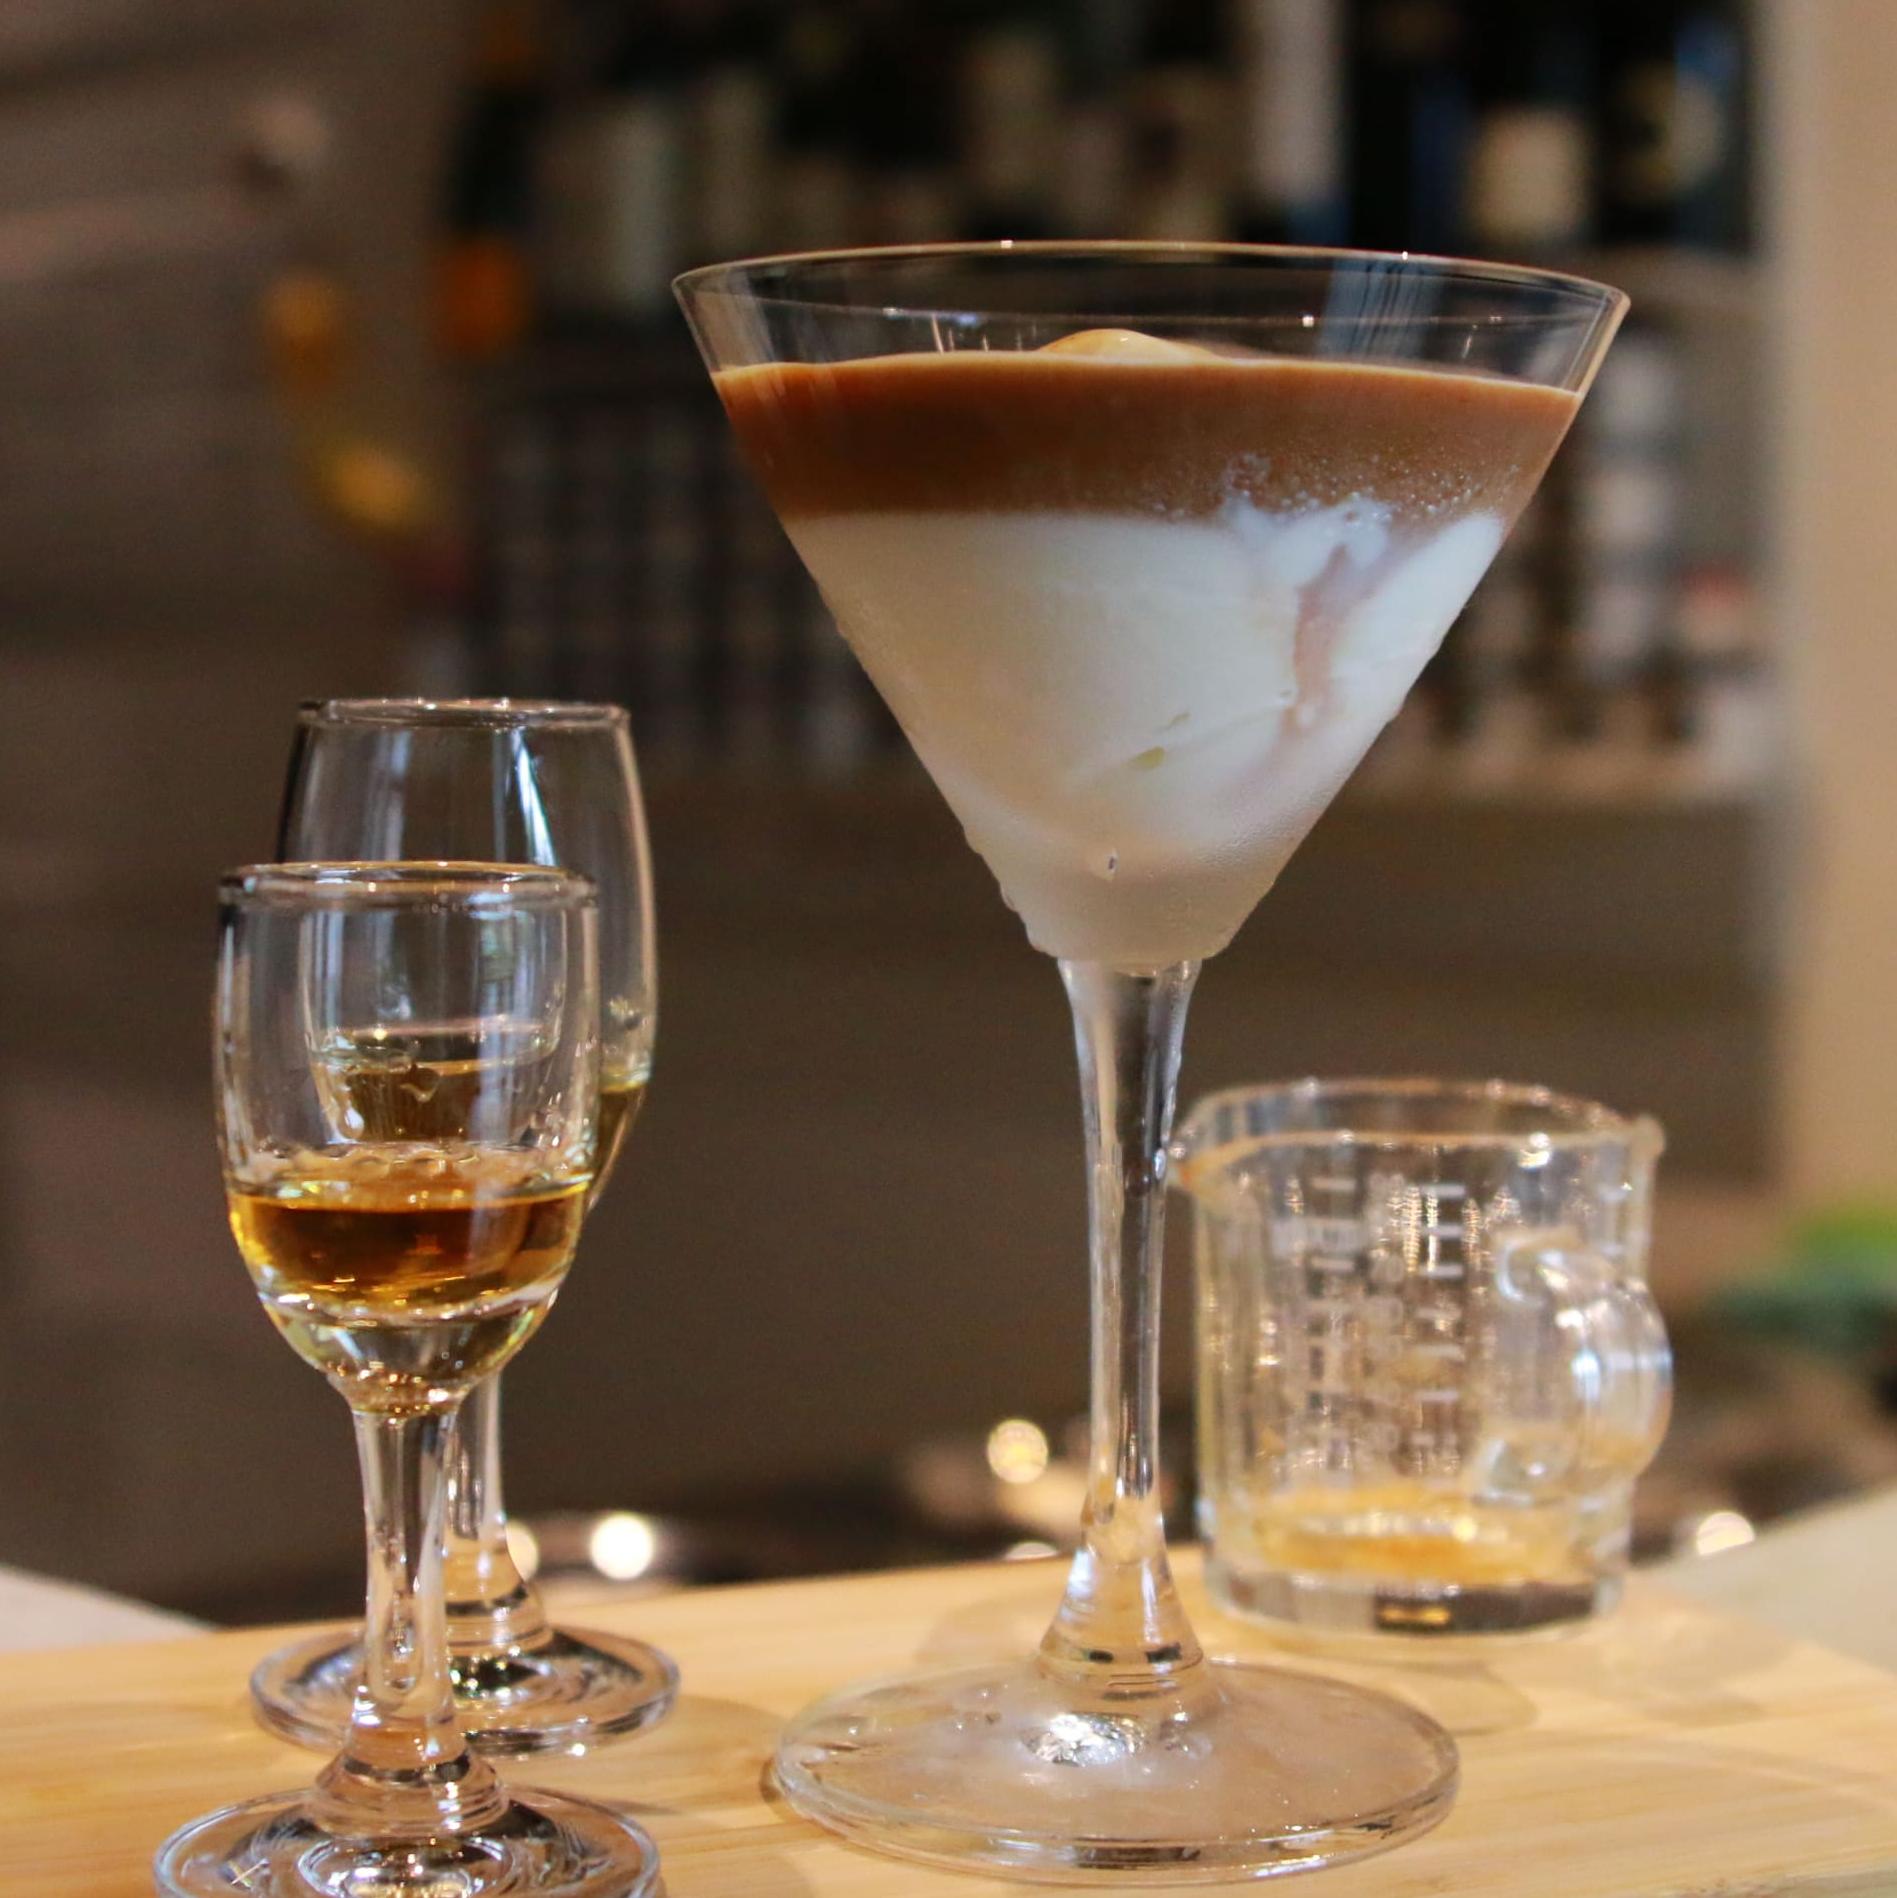 義式冰淇淋佐咖啡、美酒!「ZEIT × LINCK 采。時代」引進歐式飲食風潮,譜出義式獨特味蕾饗宴